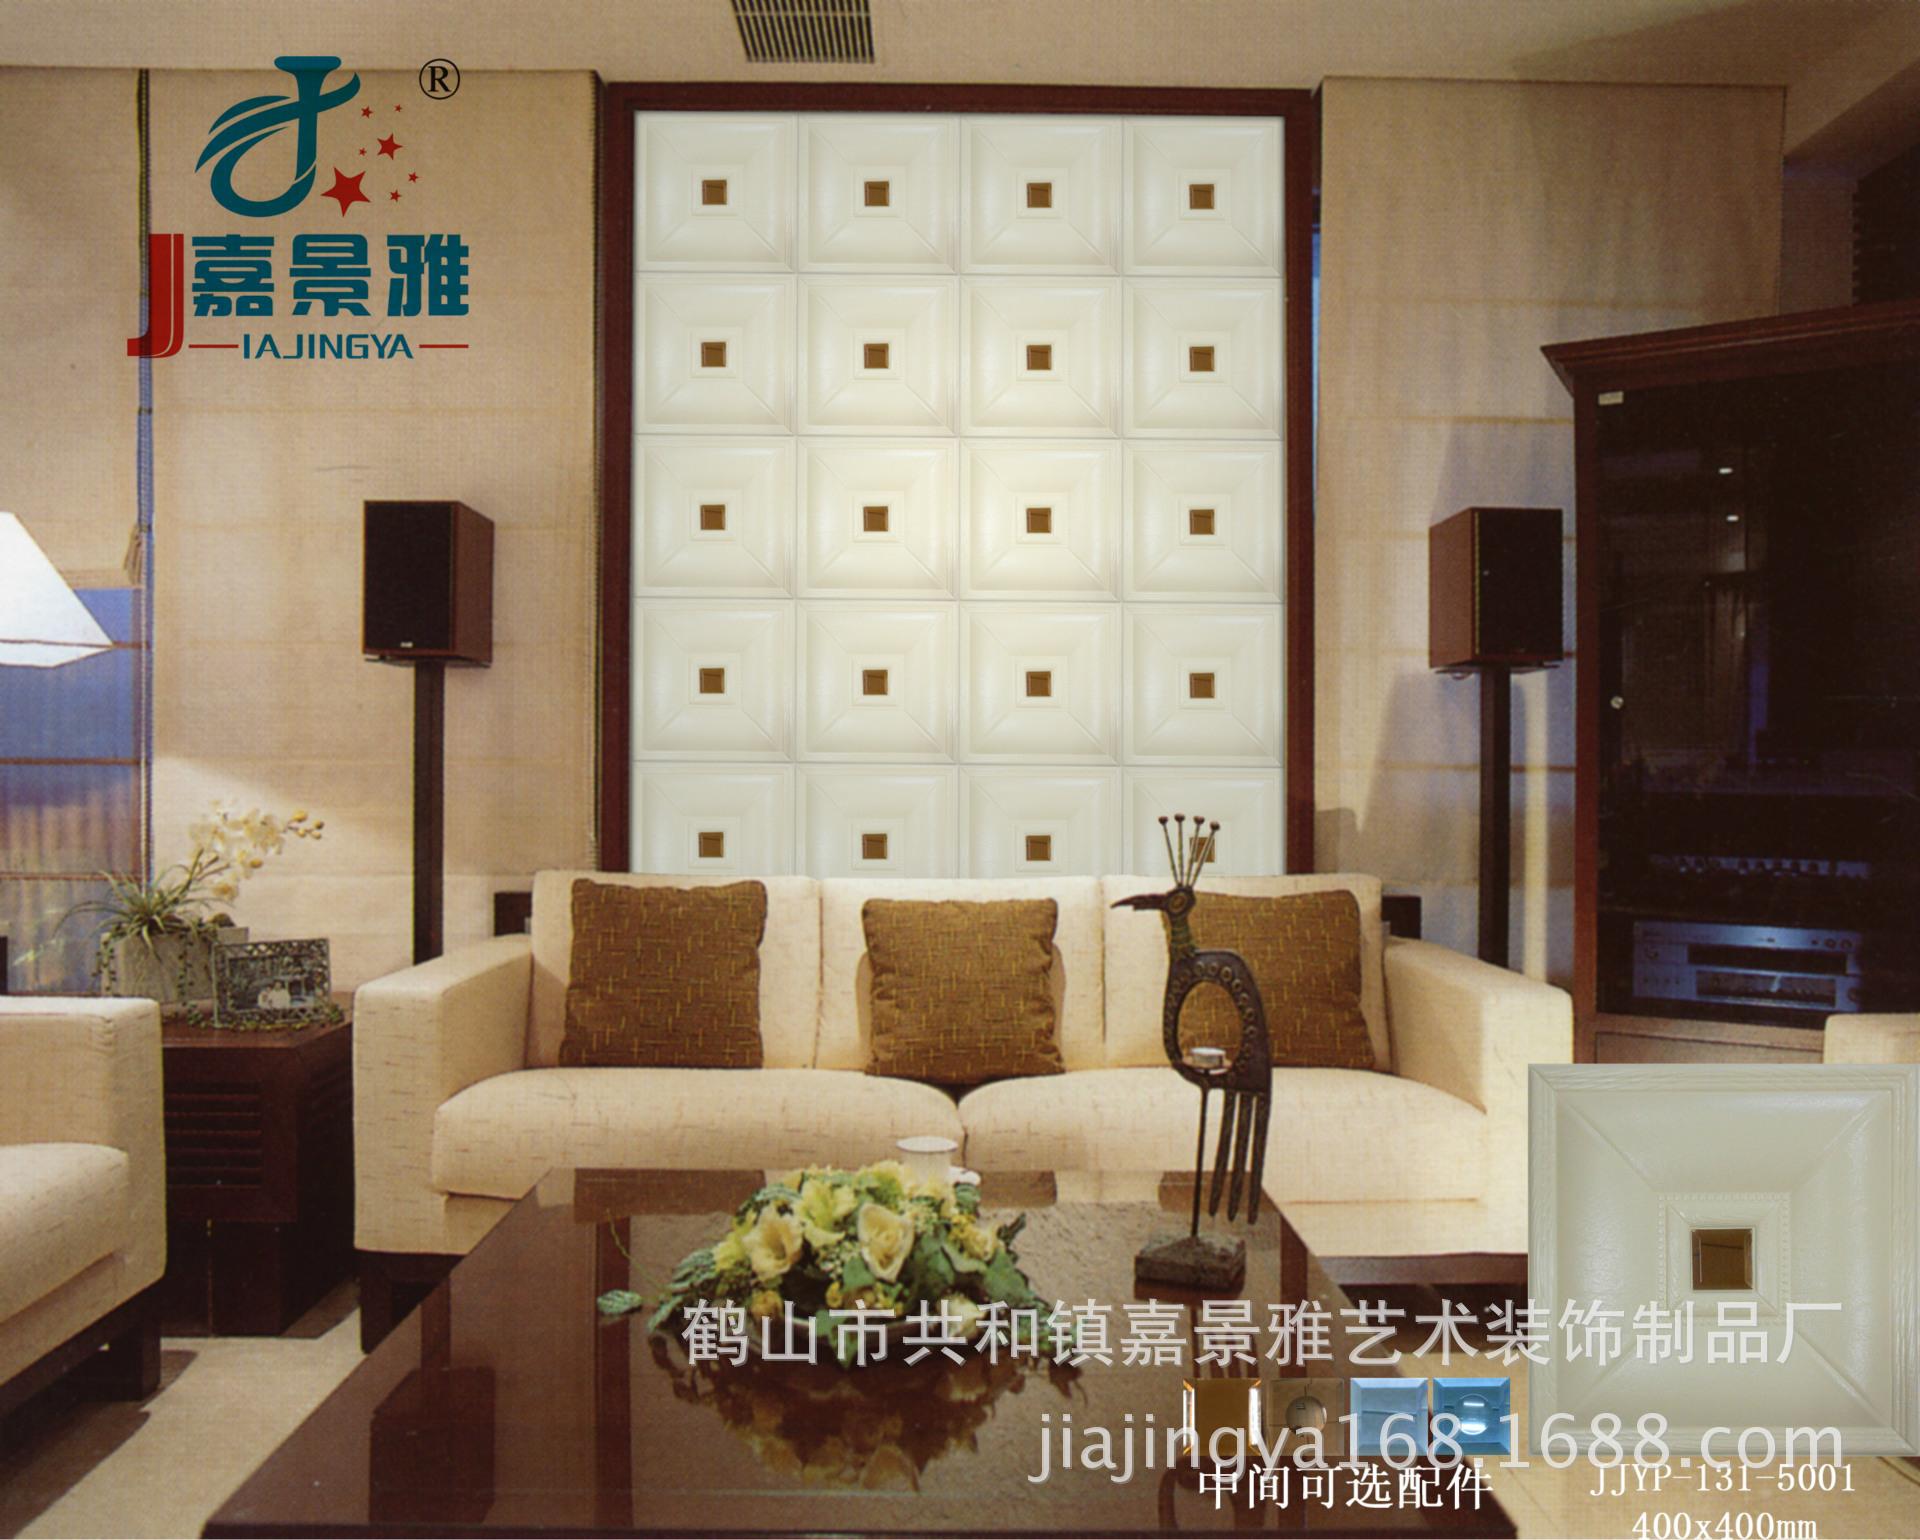 JJYP-131-5001 400x400mm玻璃2